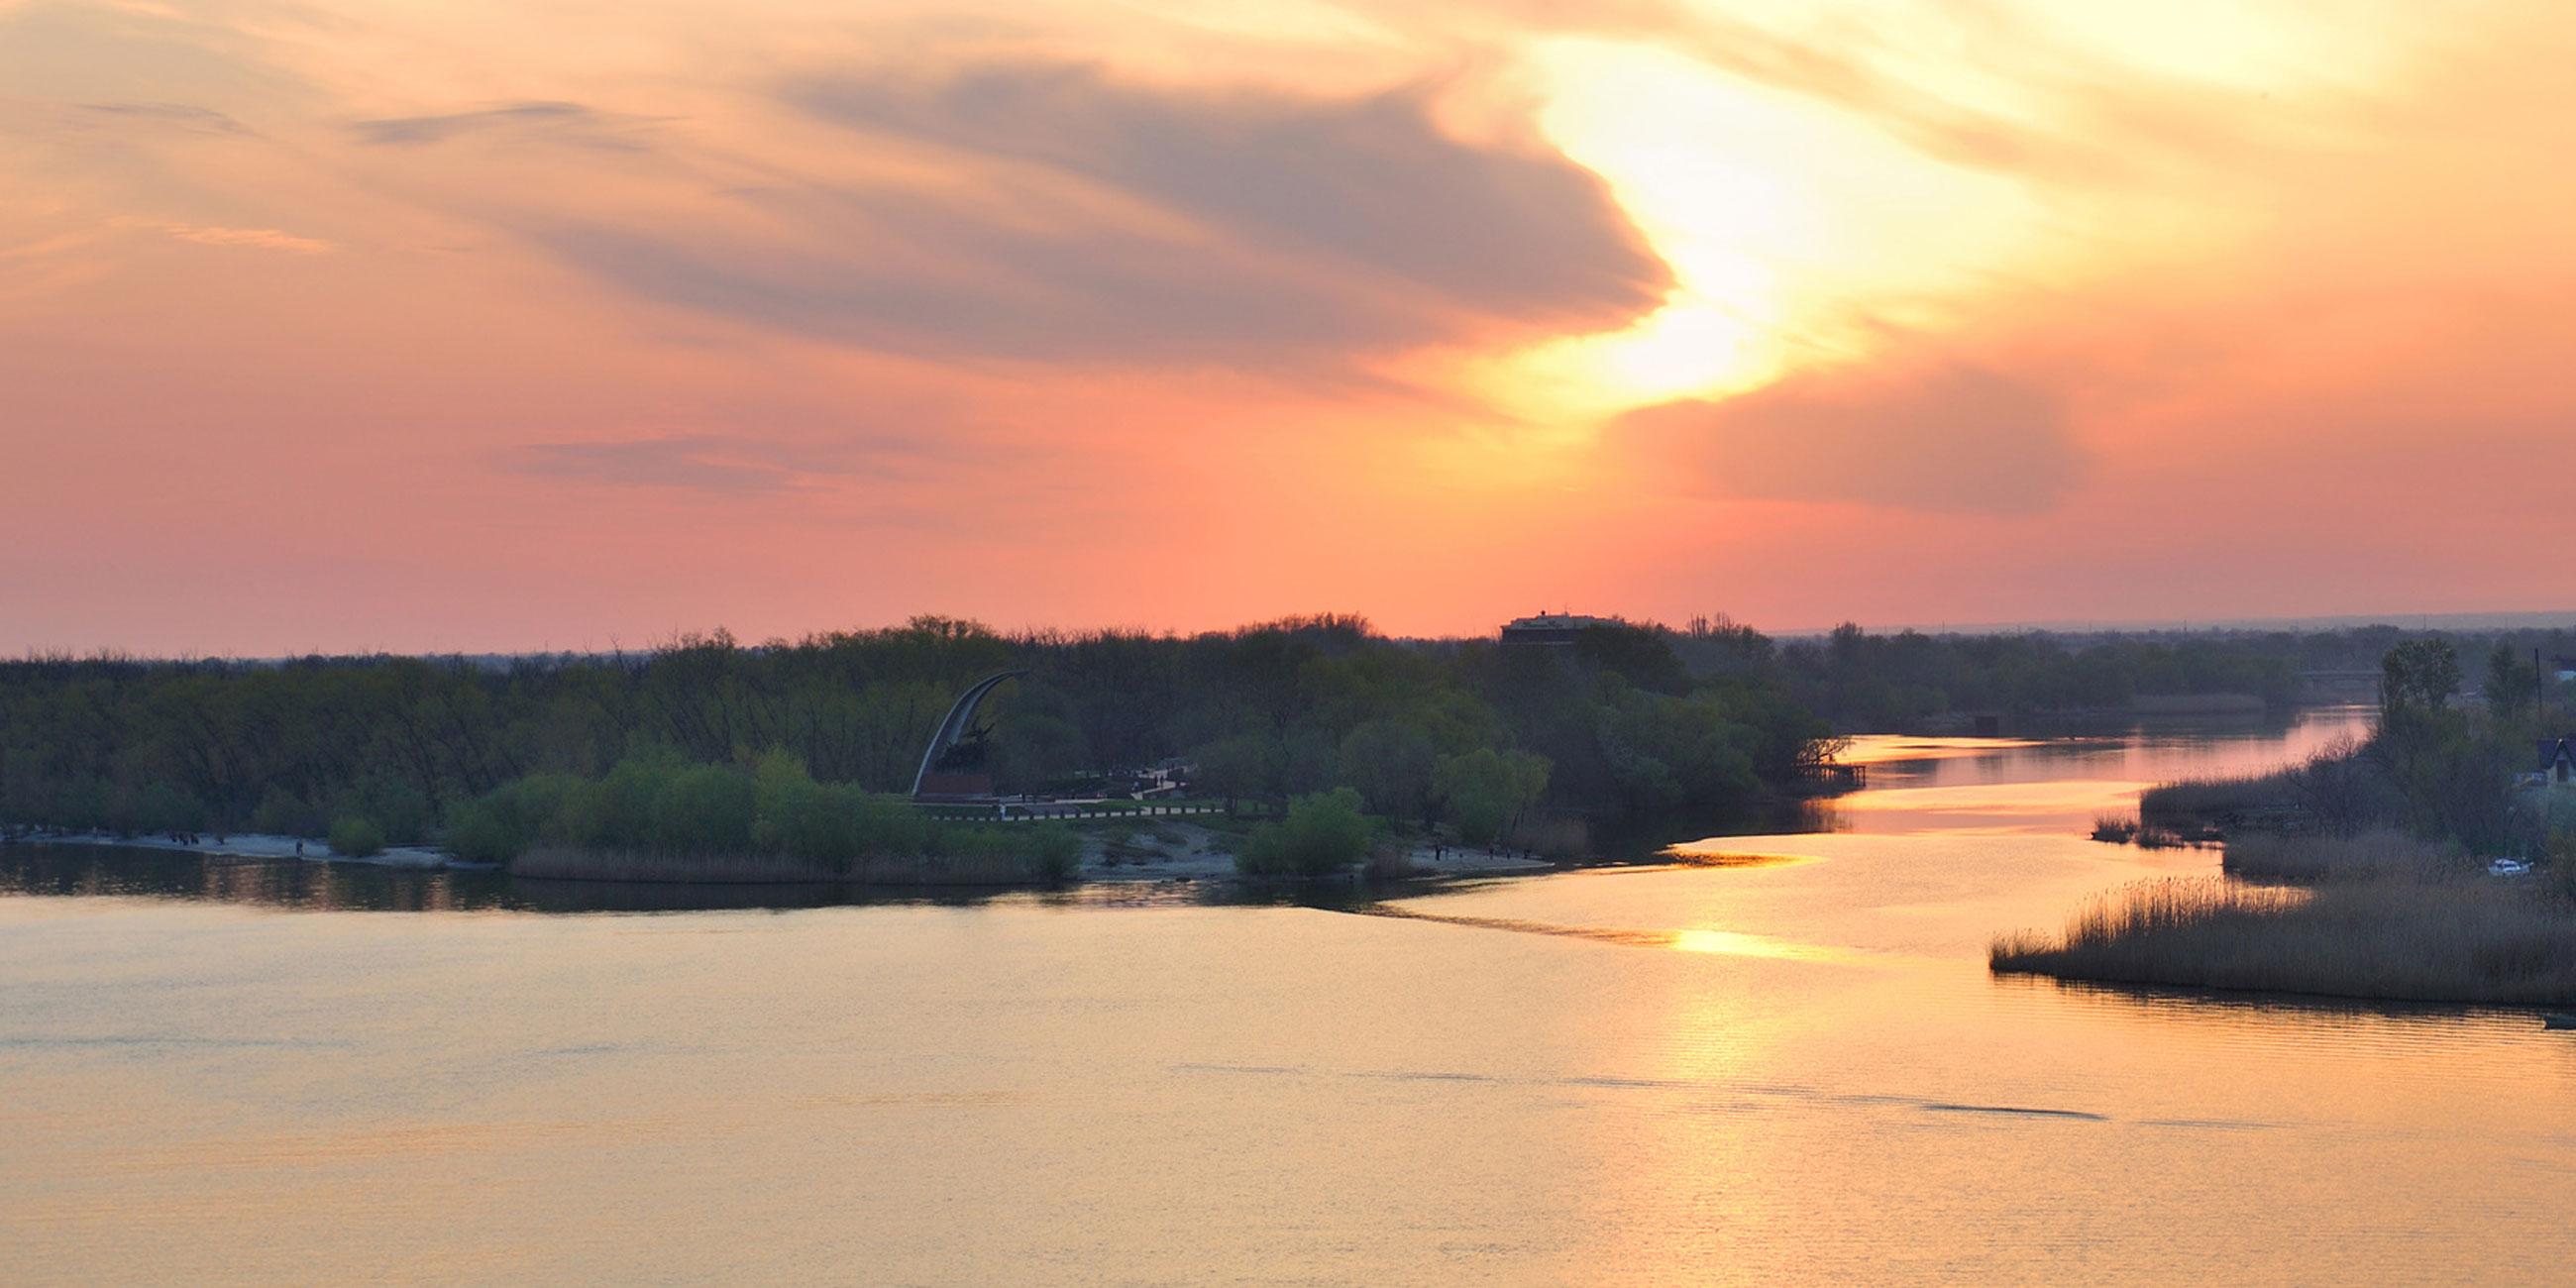 Сделайте панорамный снимок мемориального комплекса с мостаФото: Андрей Арестов, lori.ru